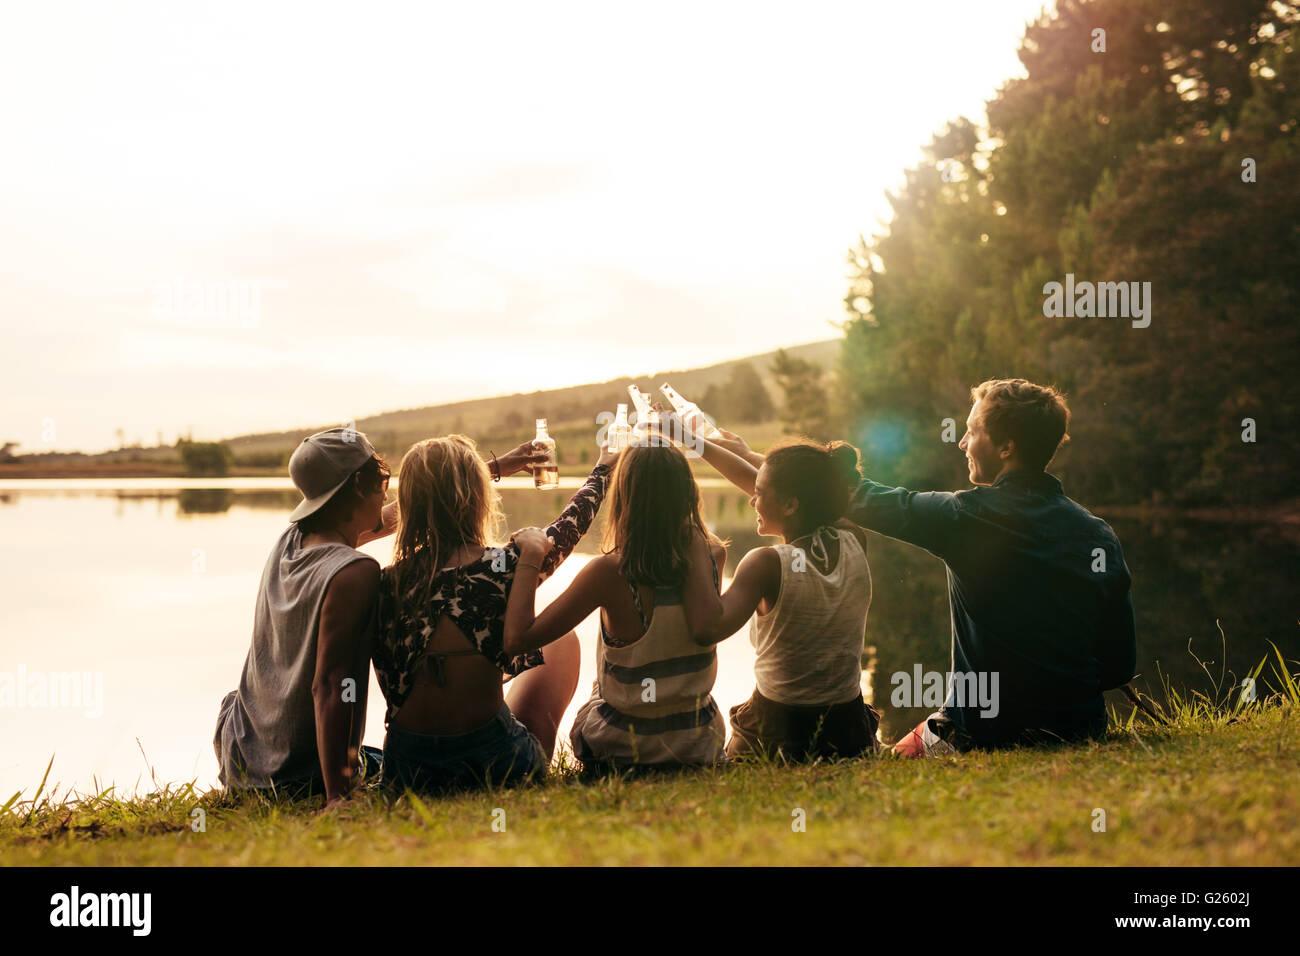 Gruppe junger Leute sitzen in einer Reihe an einem See mit Bier. Junge Freunde, toasten und feiert mit Bier am See Stockbild